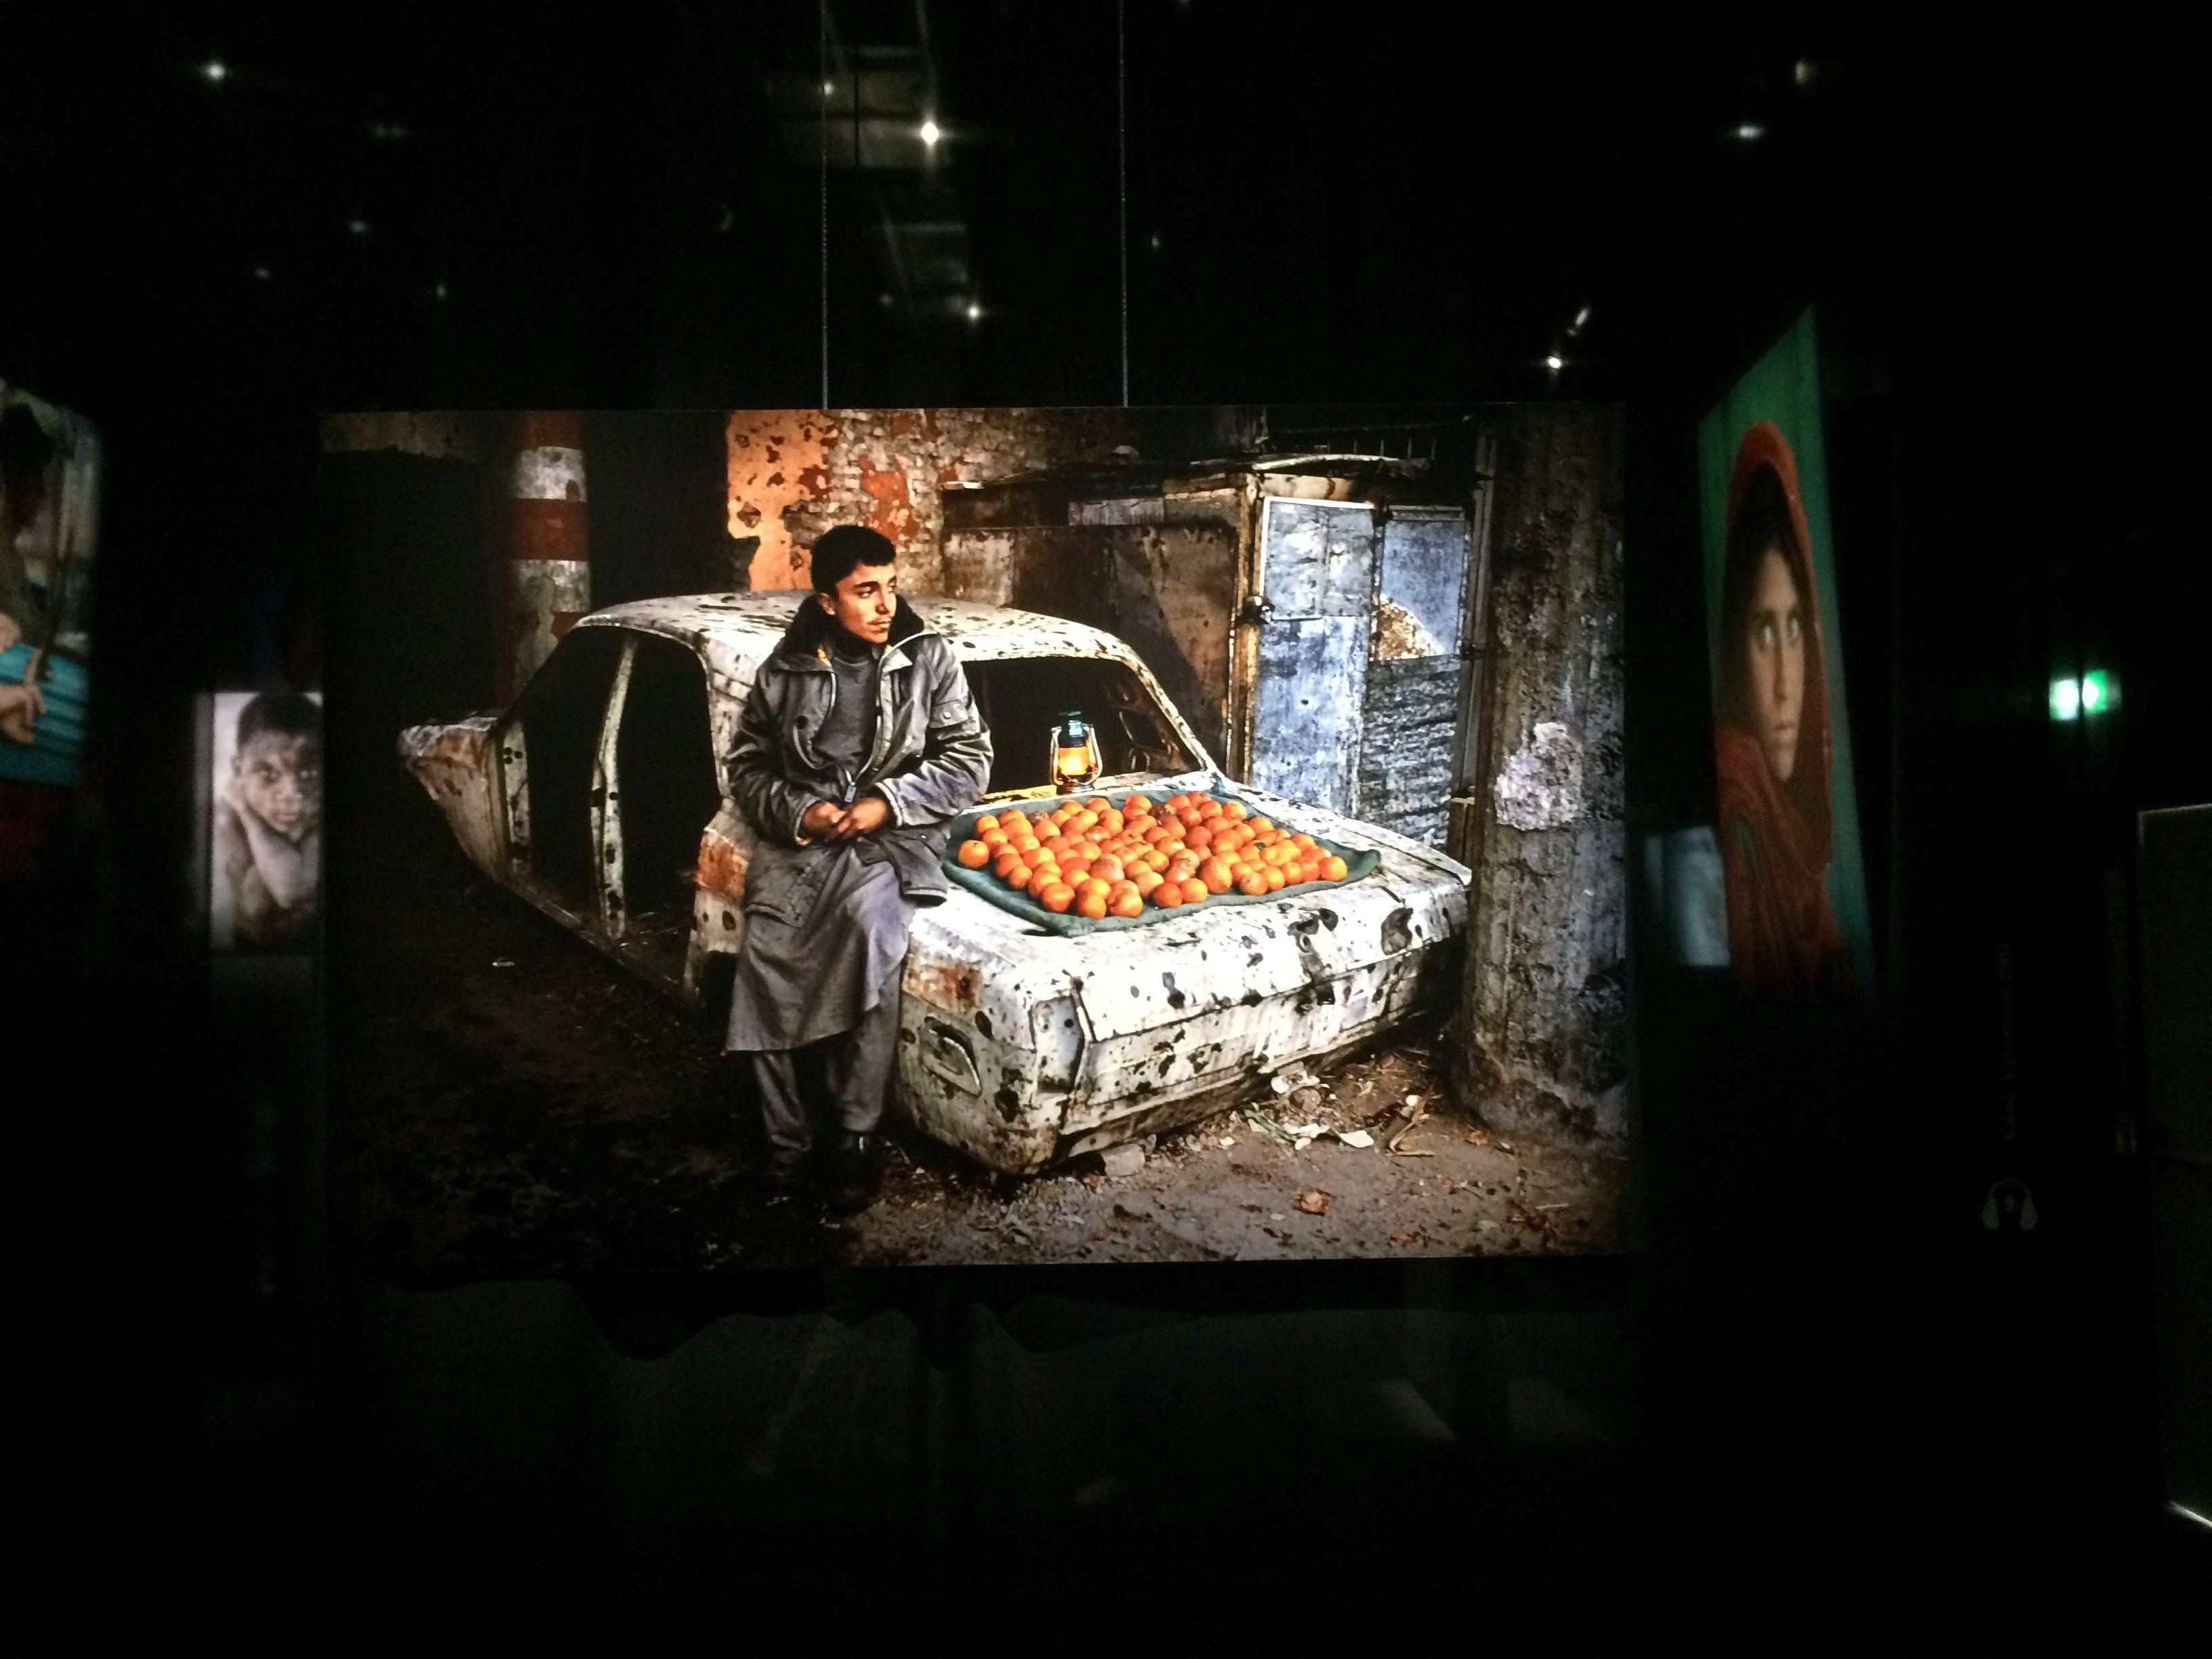 Sulle orme dell'artista, McCurry in mostra a Roma